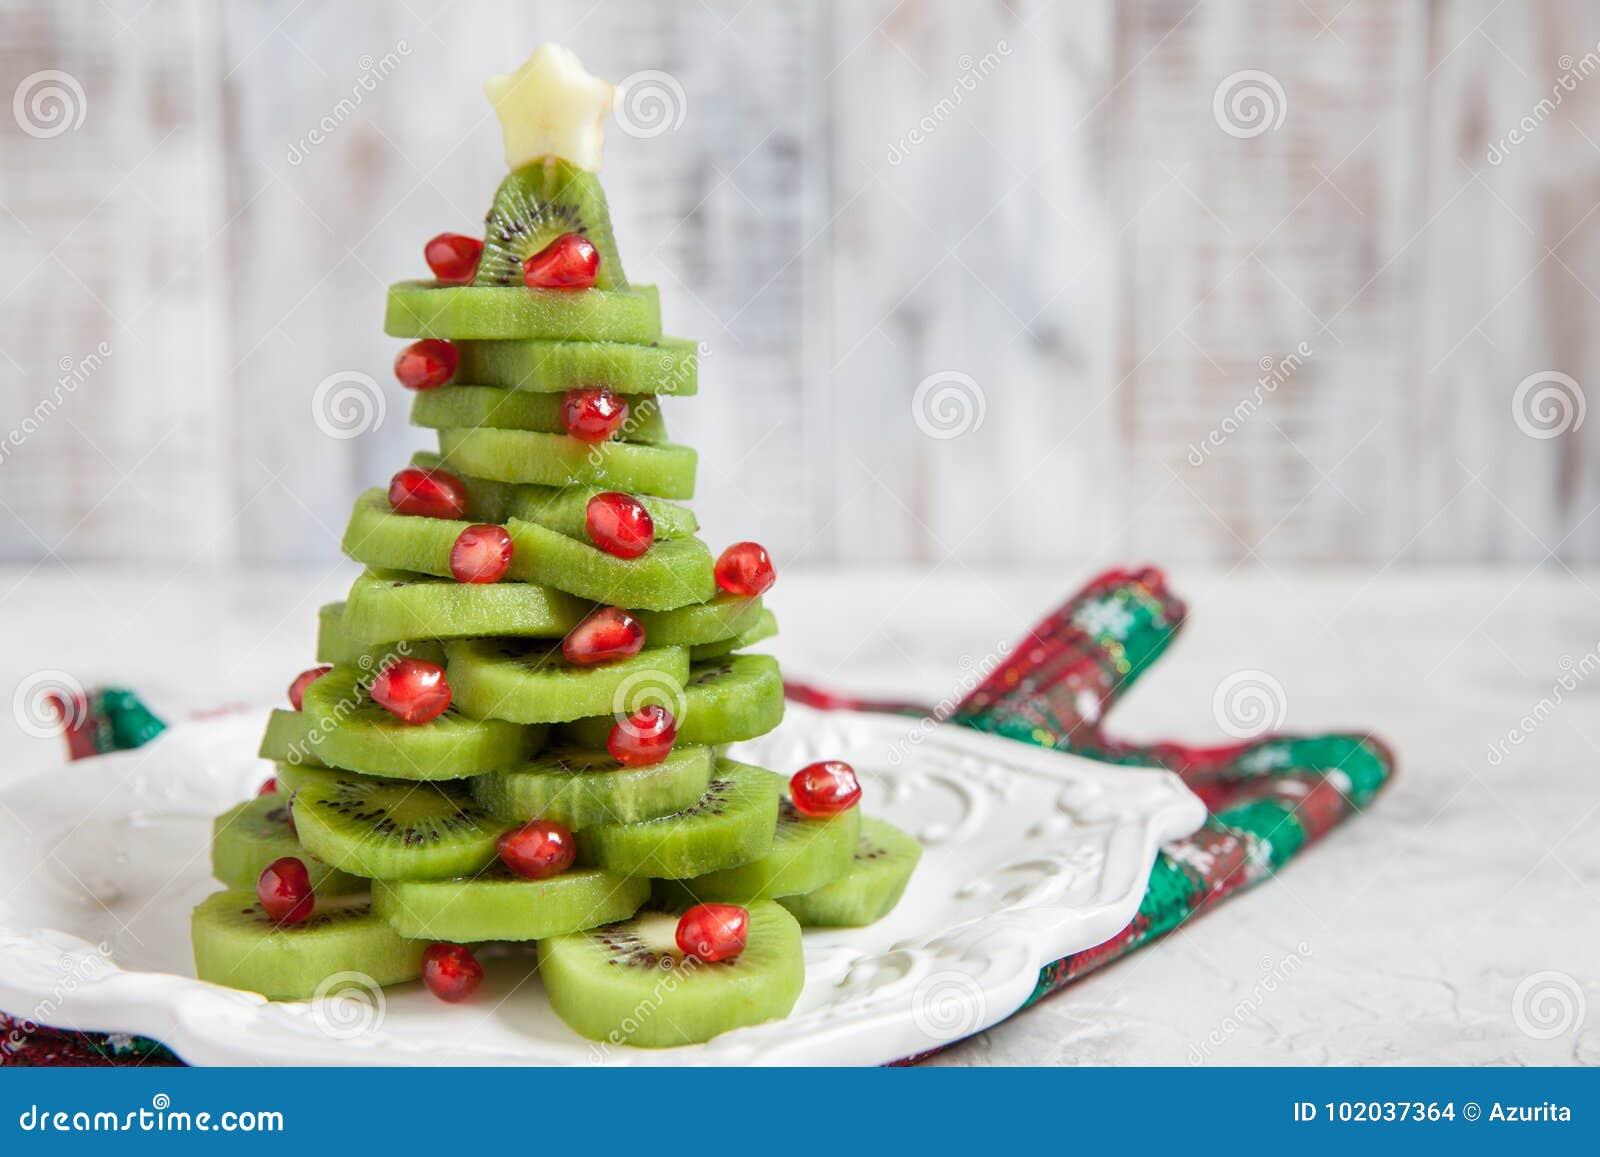 Gezond dessertidee voor jonge geitjespartij - de grappige eetbare Kerstboom van de kiwigranaatappel